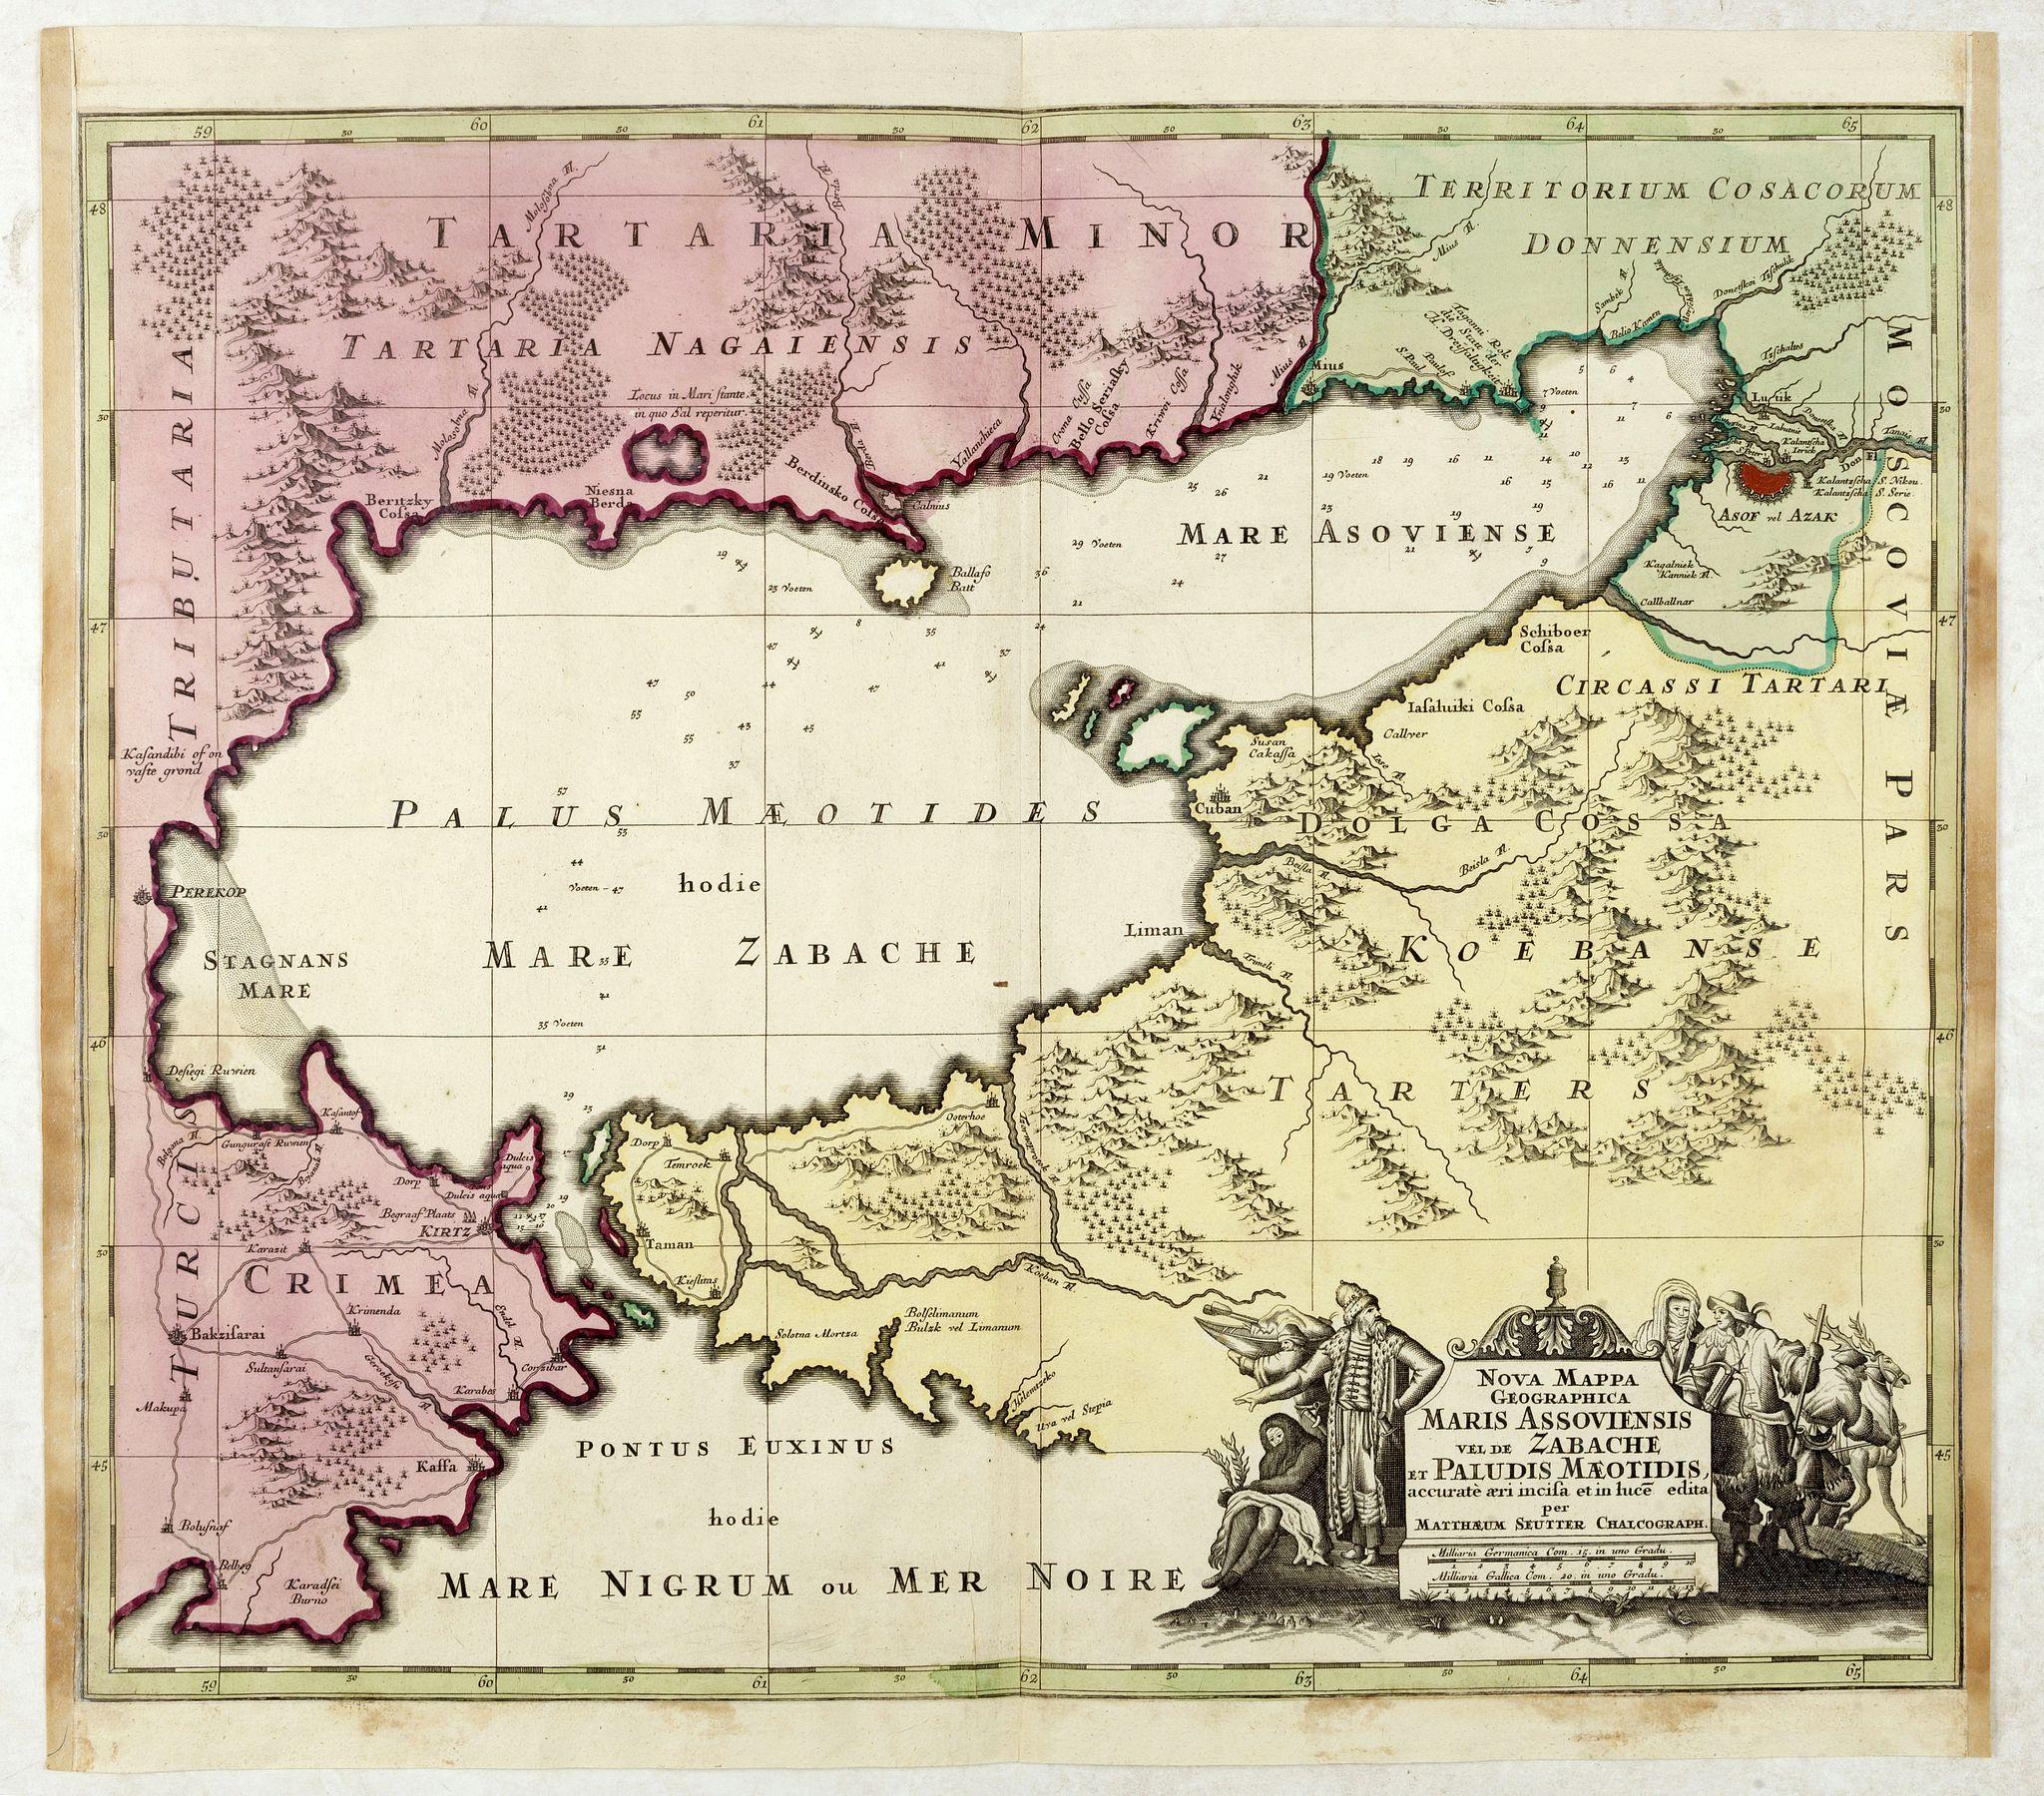 SEUTTER, M. -  Nova Mappa Geographica Maris Assoviensis Vel De Zabache Et Paludis Maeotidis accurate aeri incis et in luce edita . . .